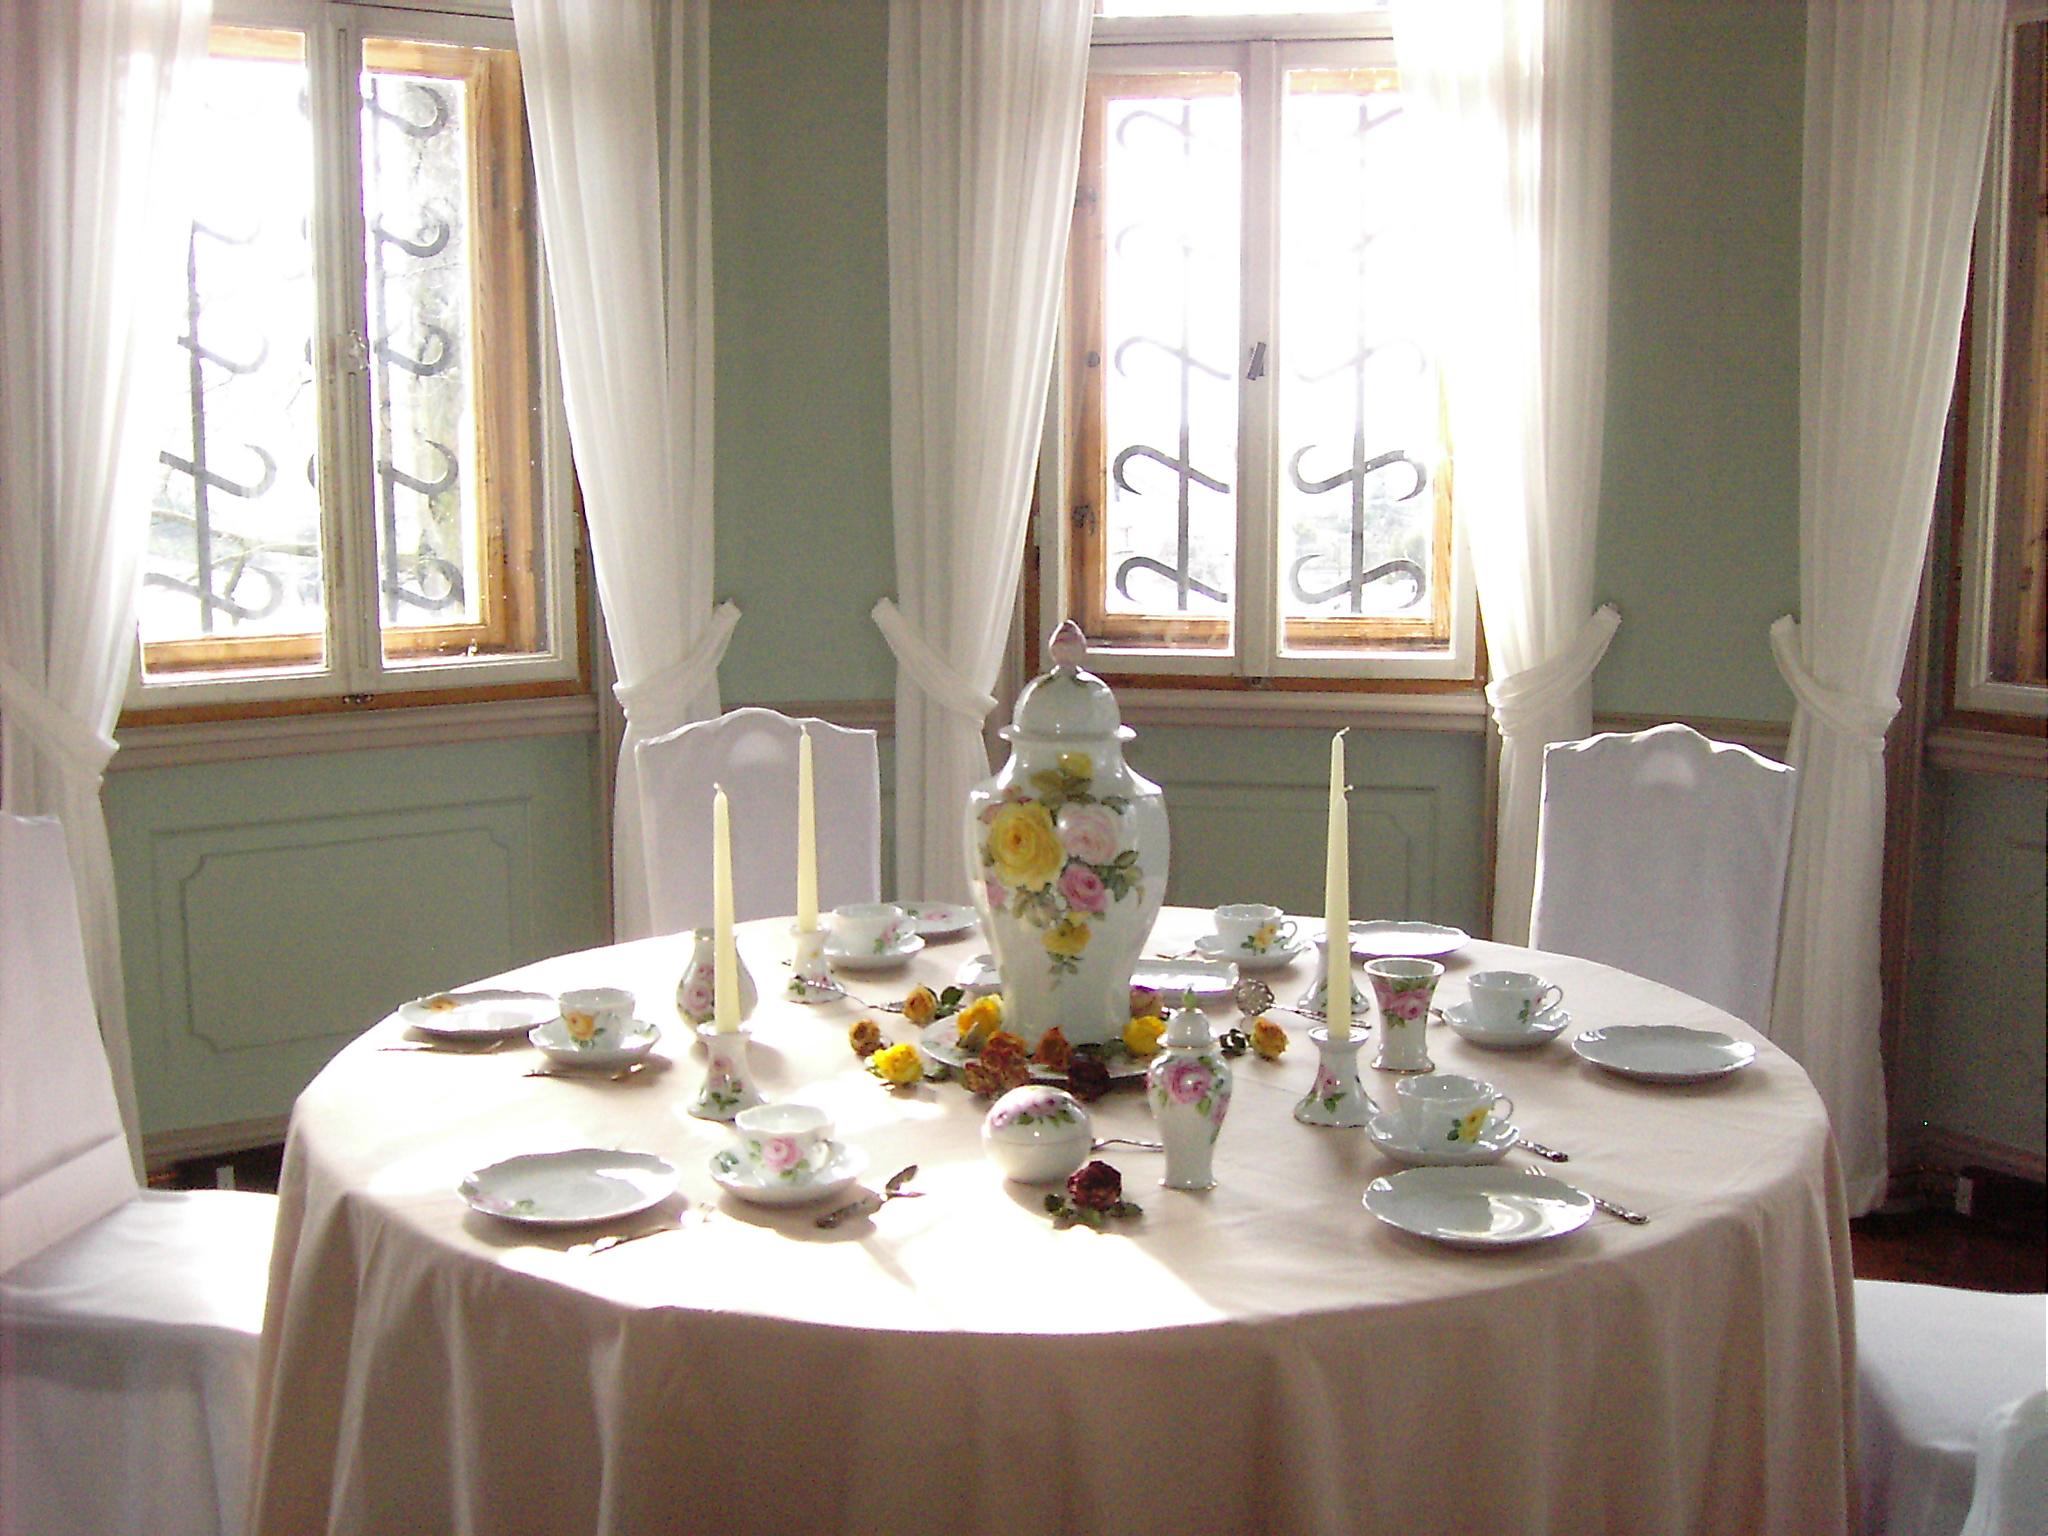 Start 17 - Porzellanzimmer - dekorierter Tisch